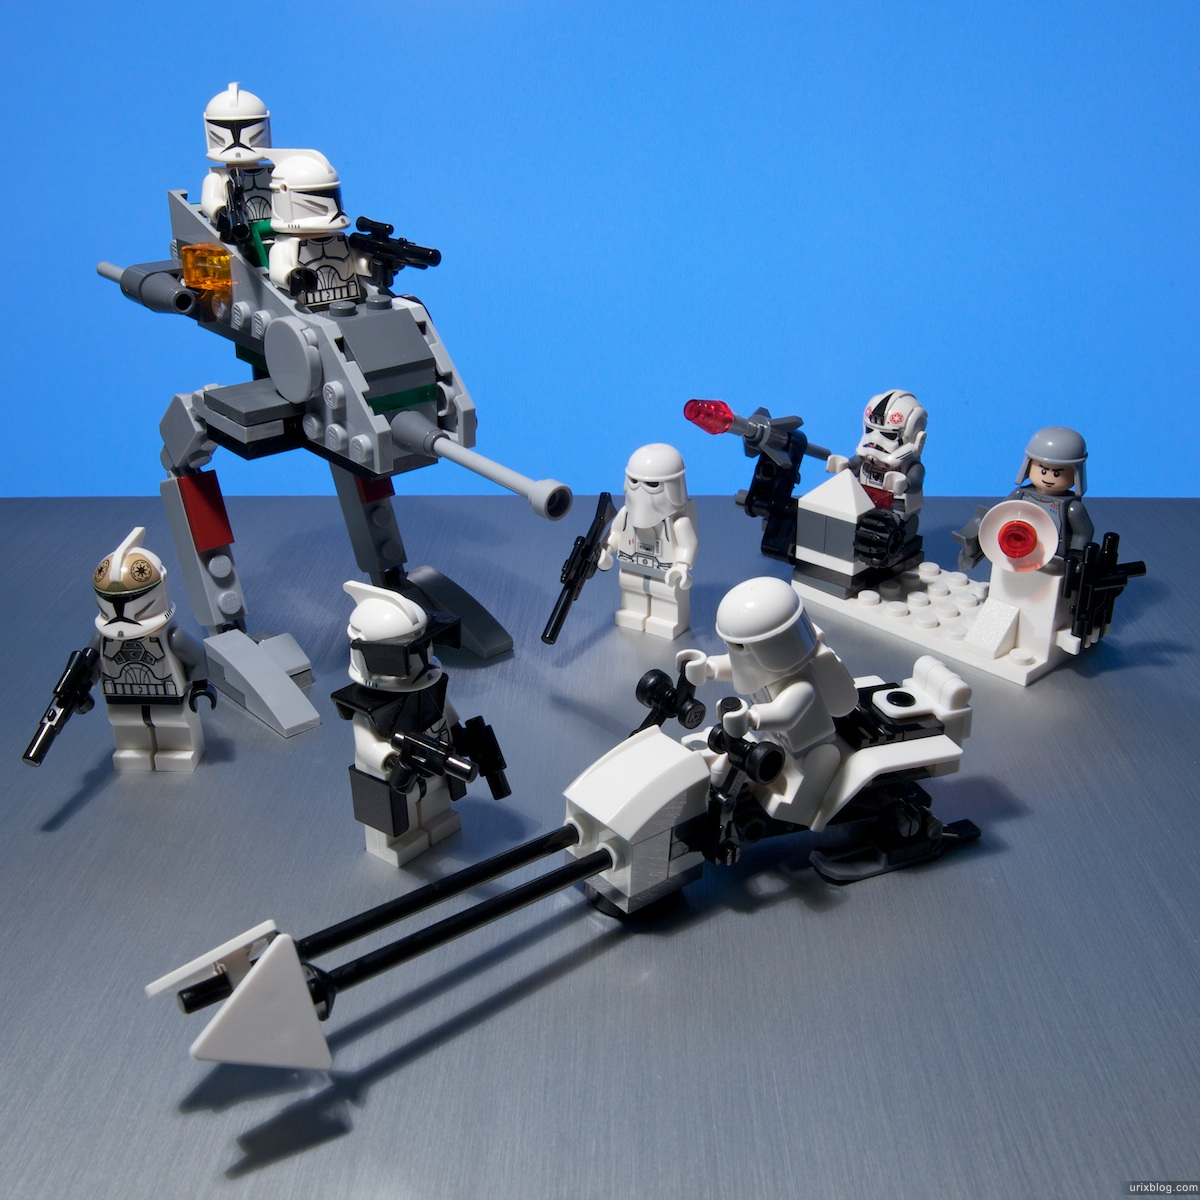 2009 LEGO Stormtroopers, ClonesStar Wars